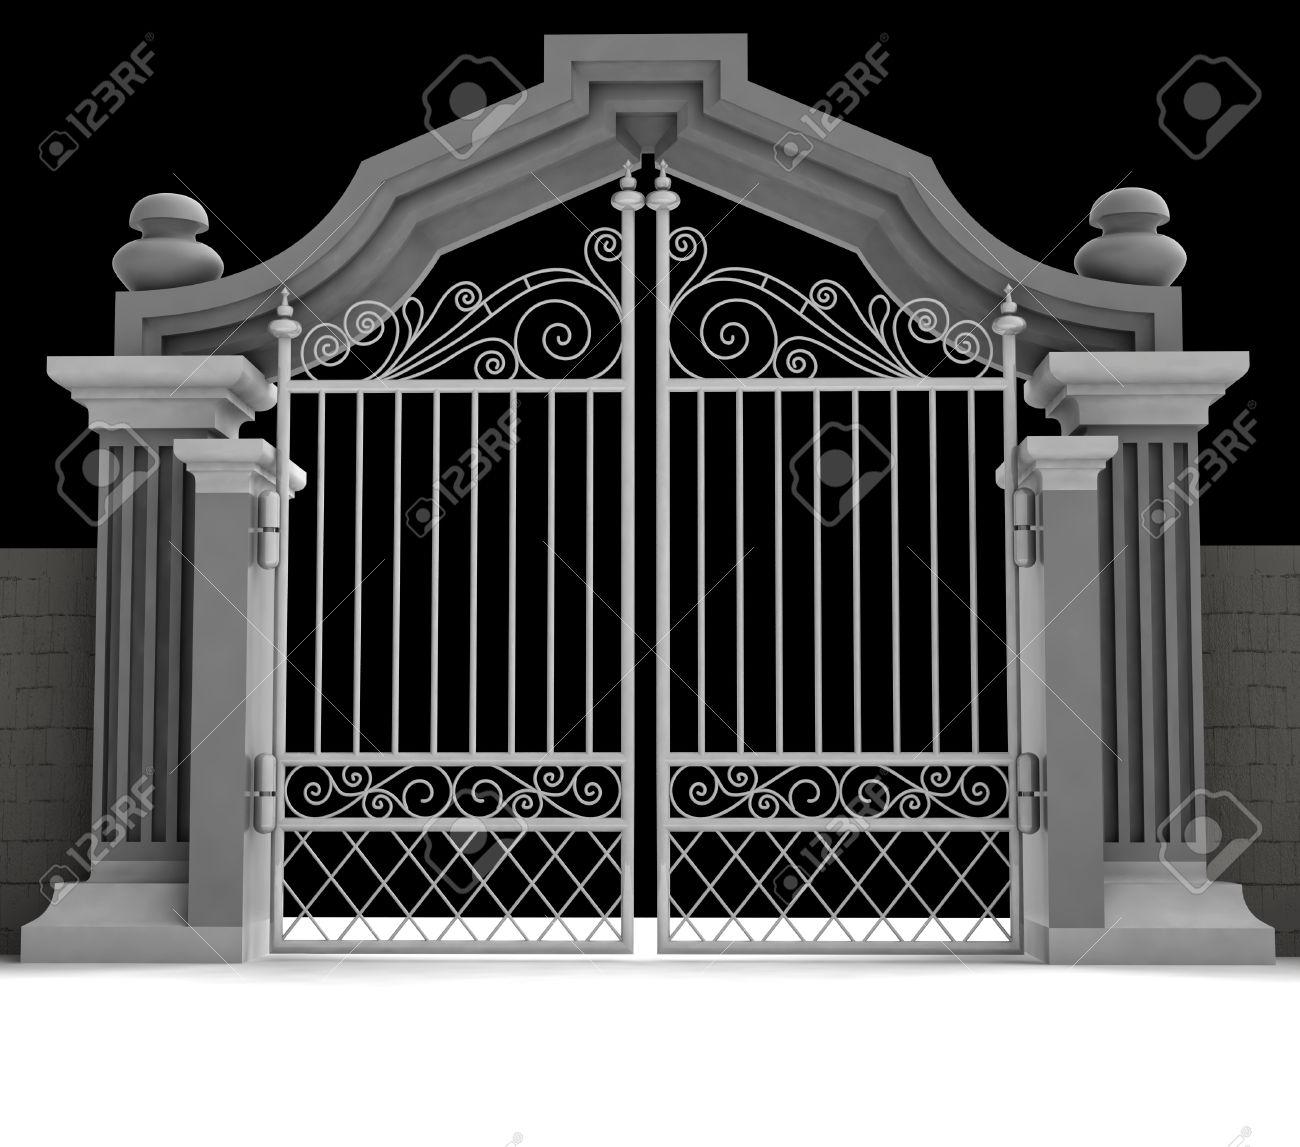 Friedhof Tor Mit Metallischen Zaun In Abbildung Mitternacht